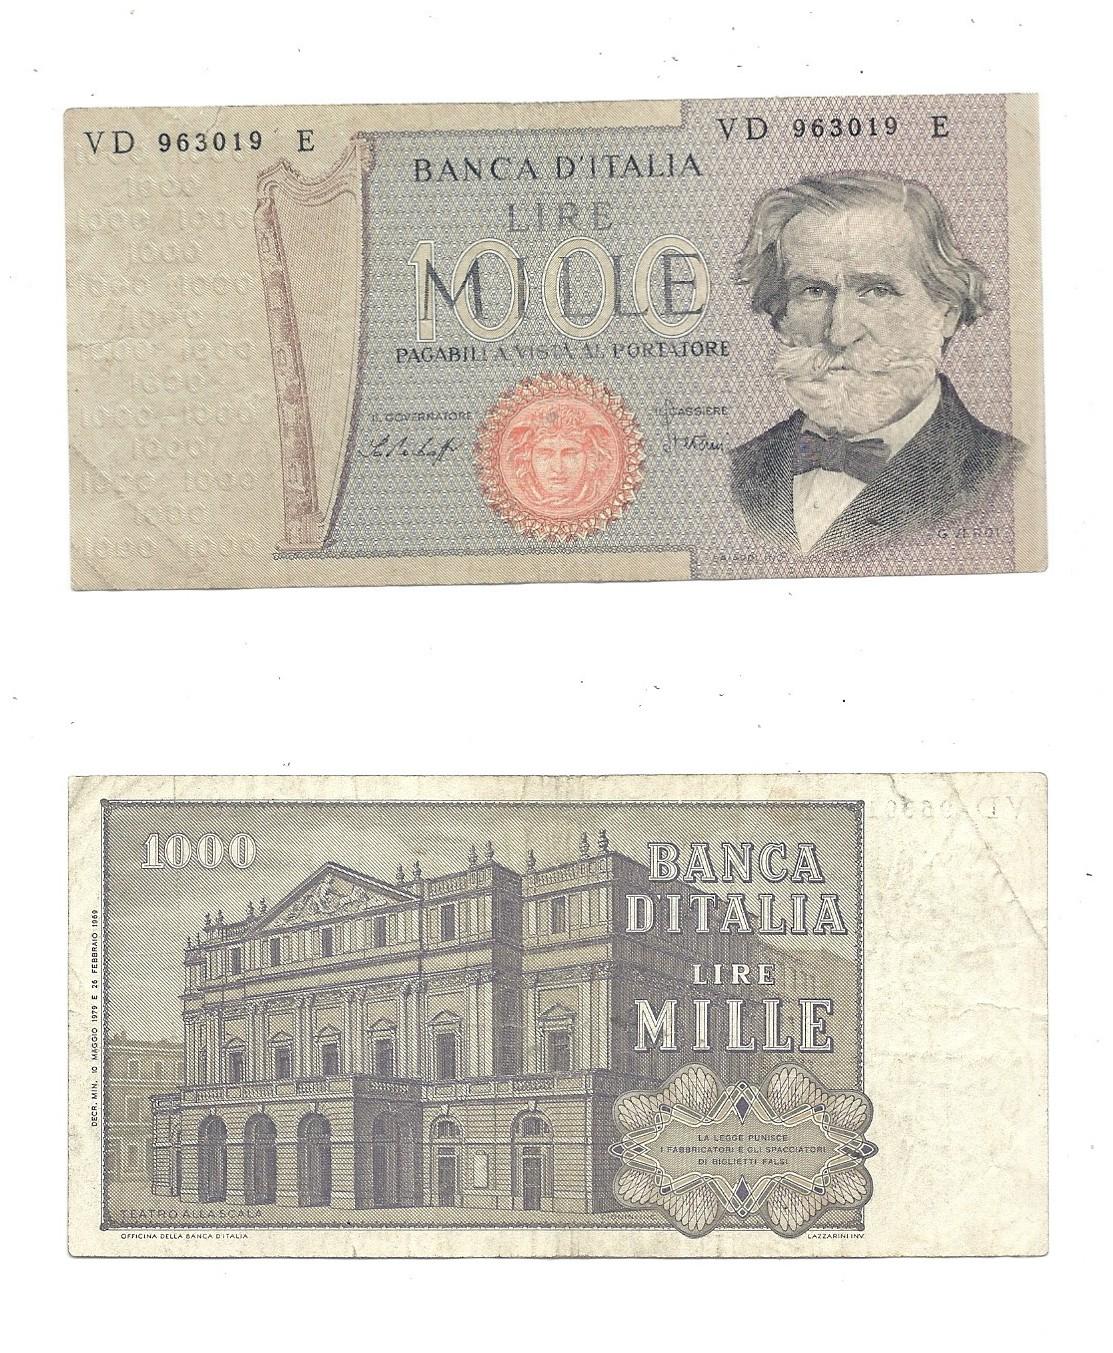 1979 P 101 AUNC ABOUT UNC ITALY 1000 1,000 LIRE 1969